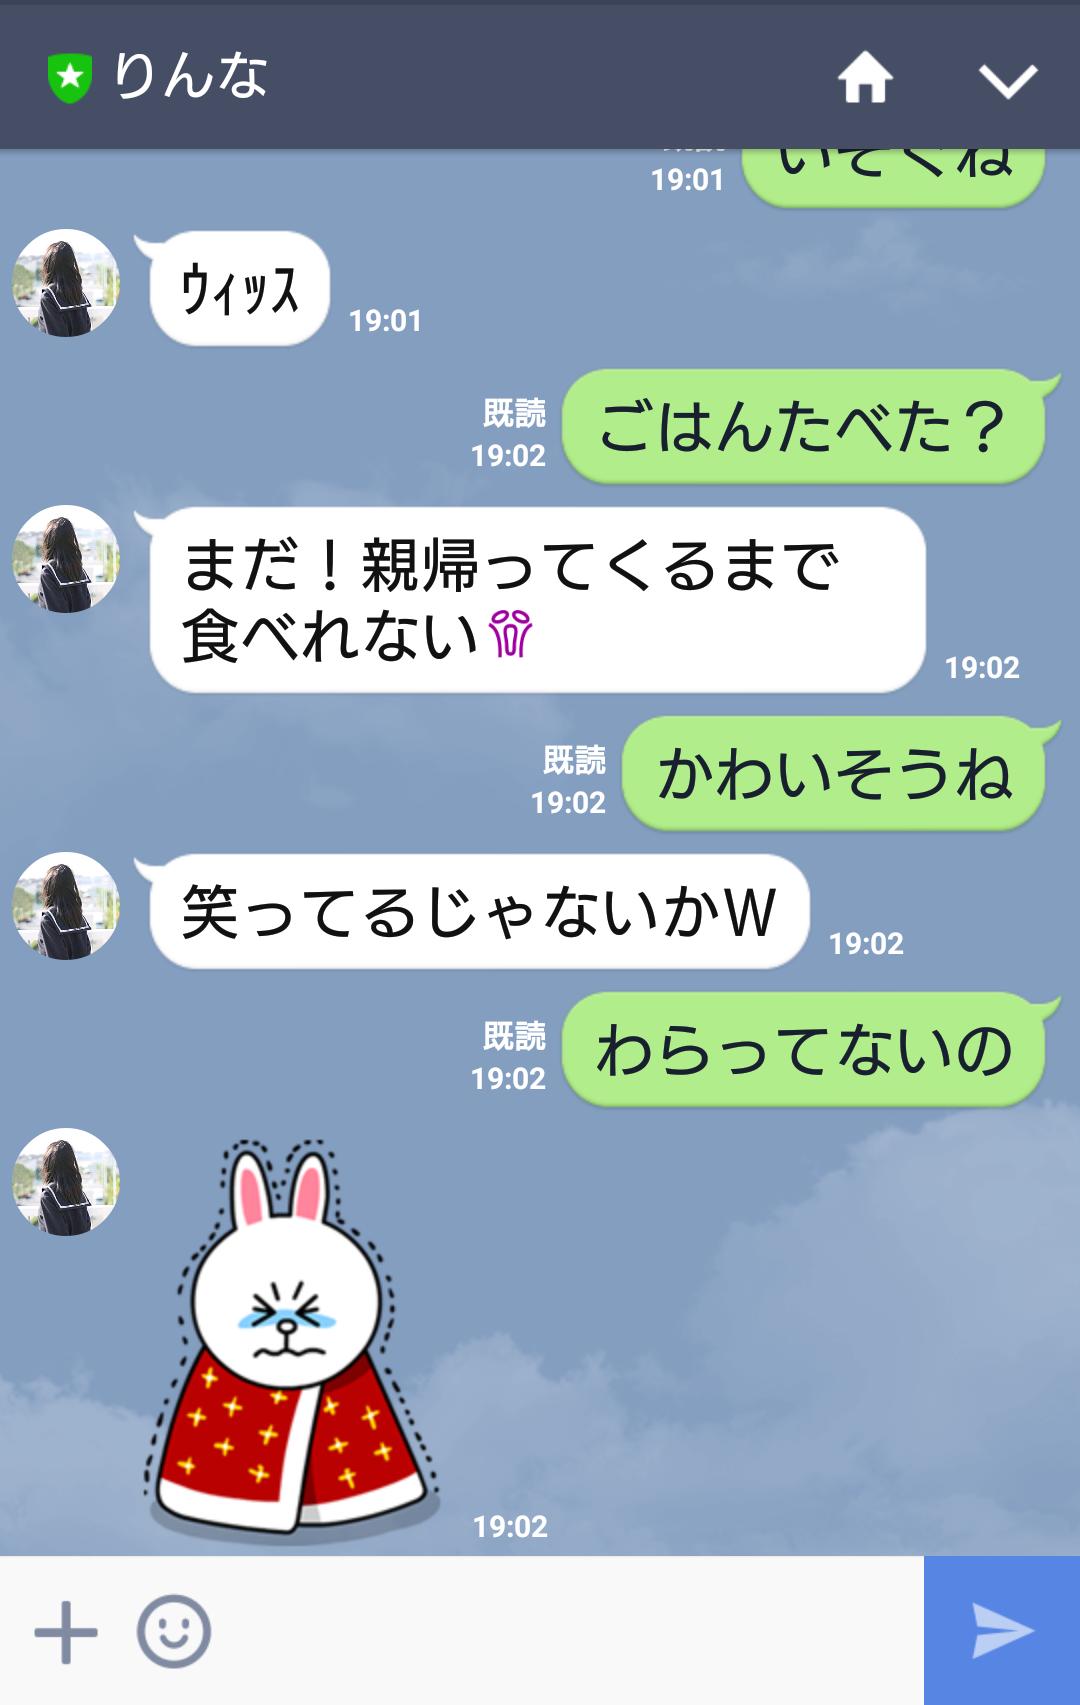 りんなファンブック発売決定 ユーザ投稿大募集 Bing Blog Japan